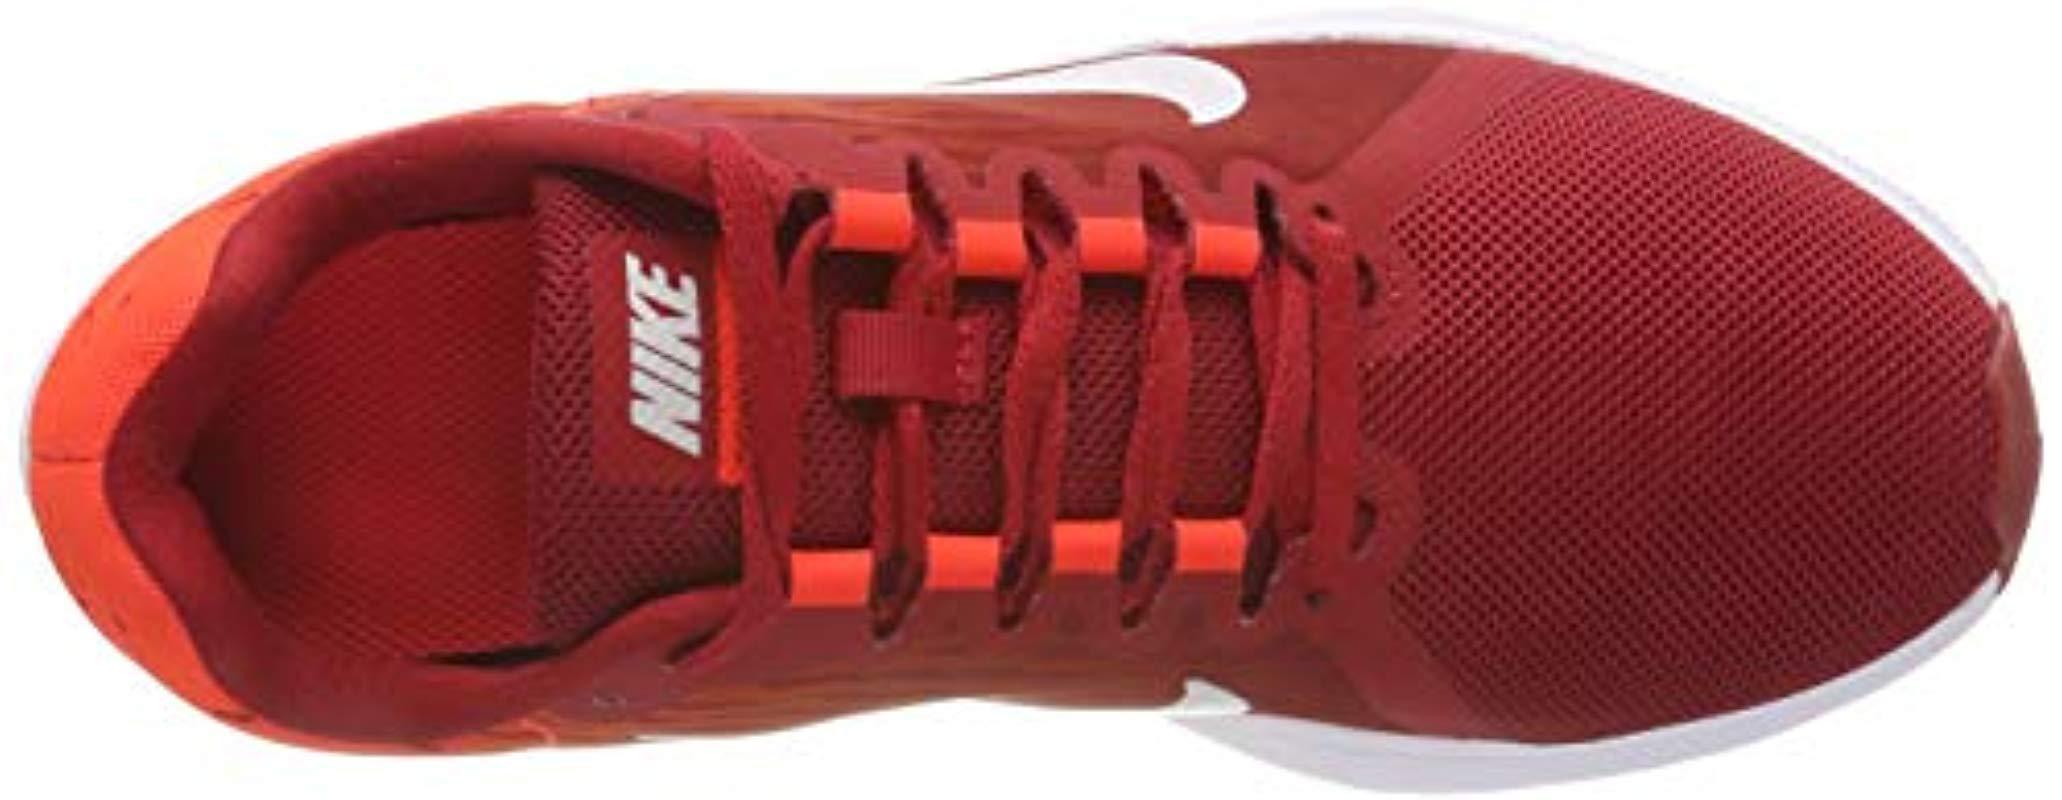 Wmns Downshifter 8, Zapatillas de Deporte para Mujer Nike de color Rojo